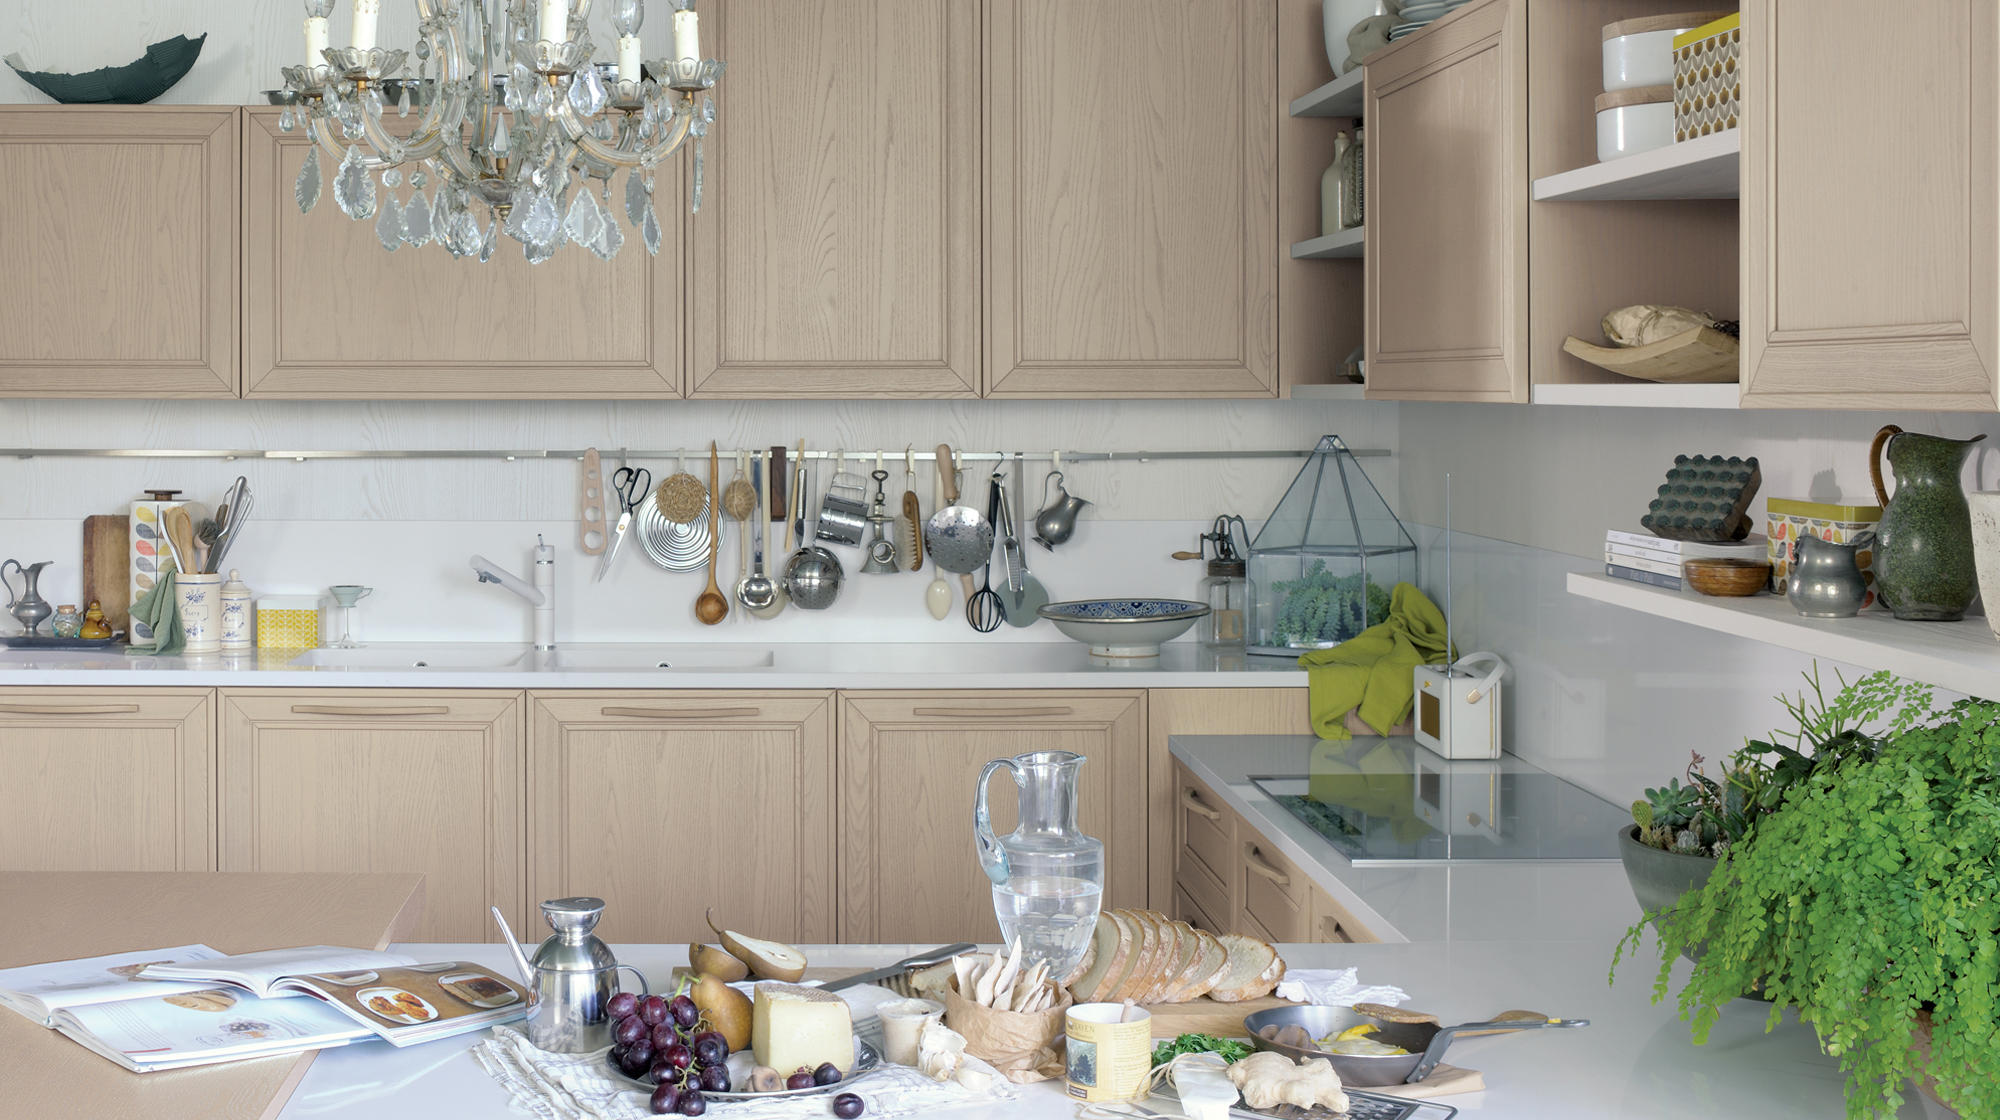 Elegante cucine a parete veneta cucine architonic - Cucine a parete ...